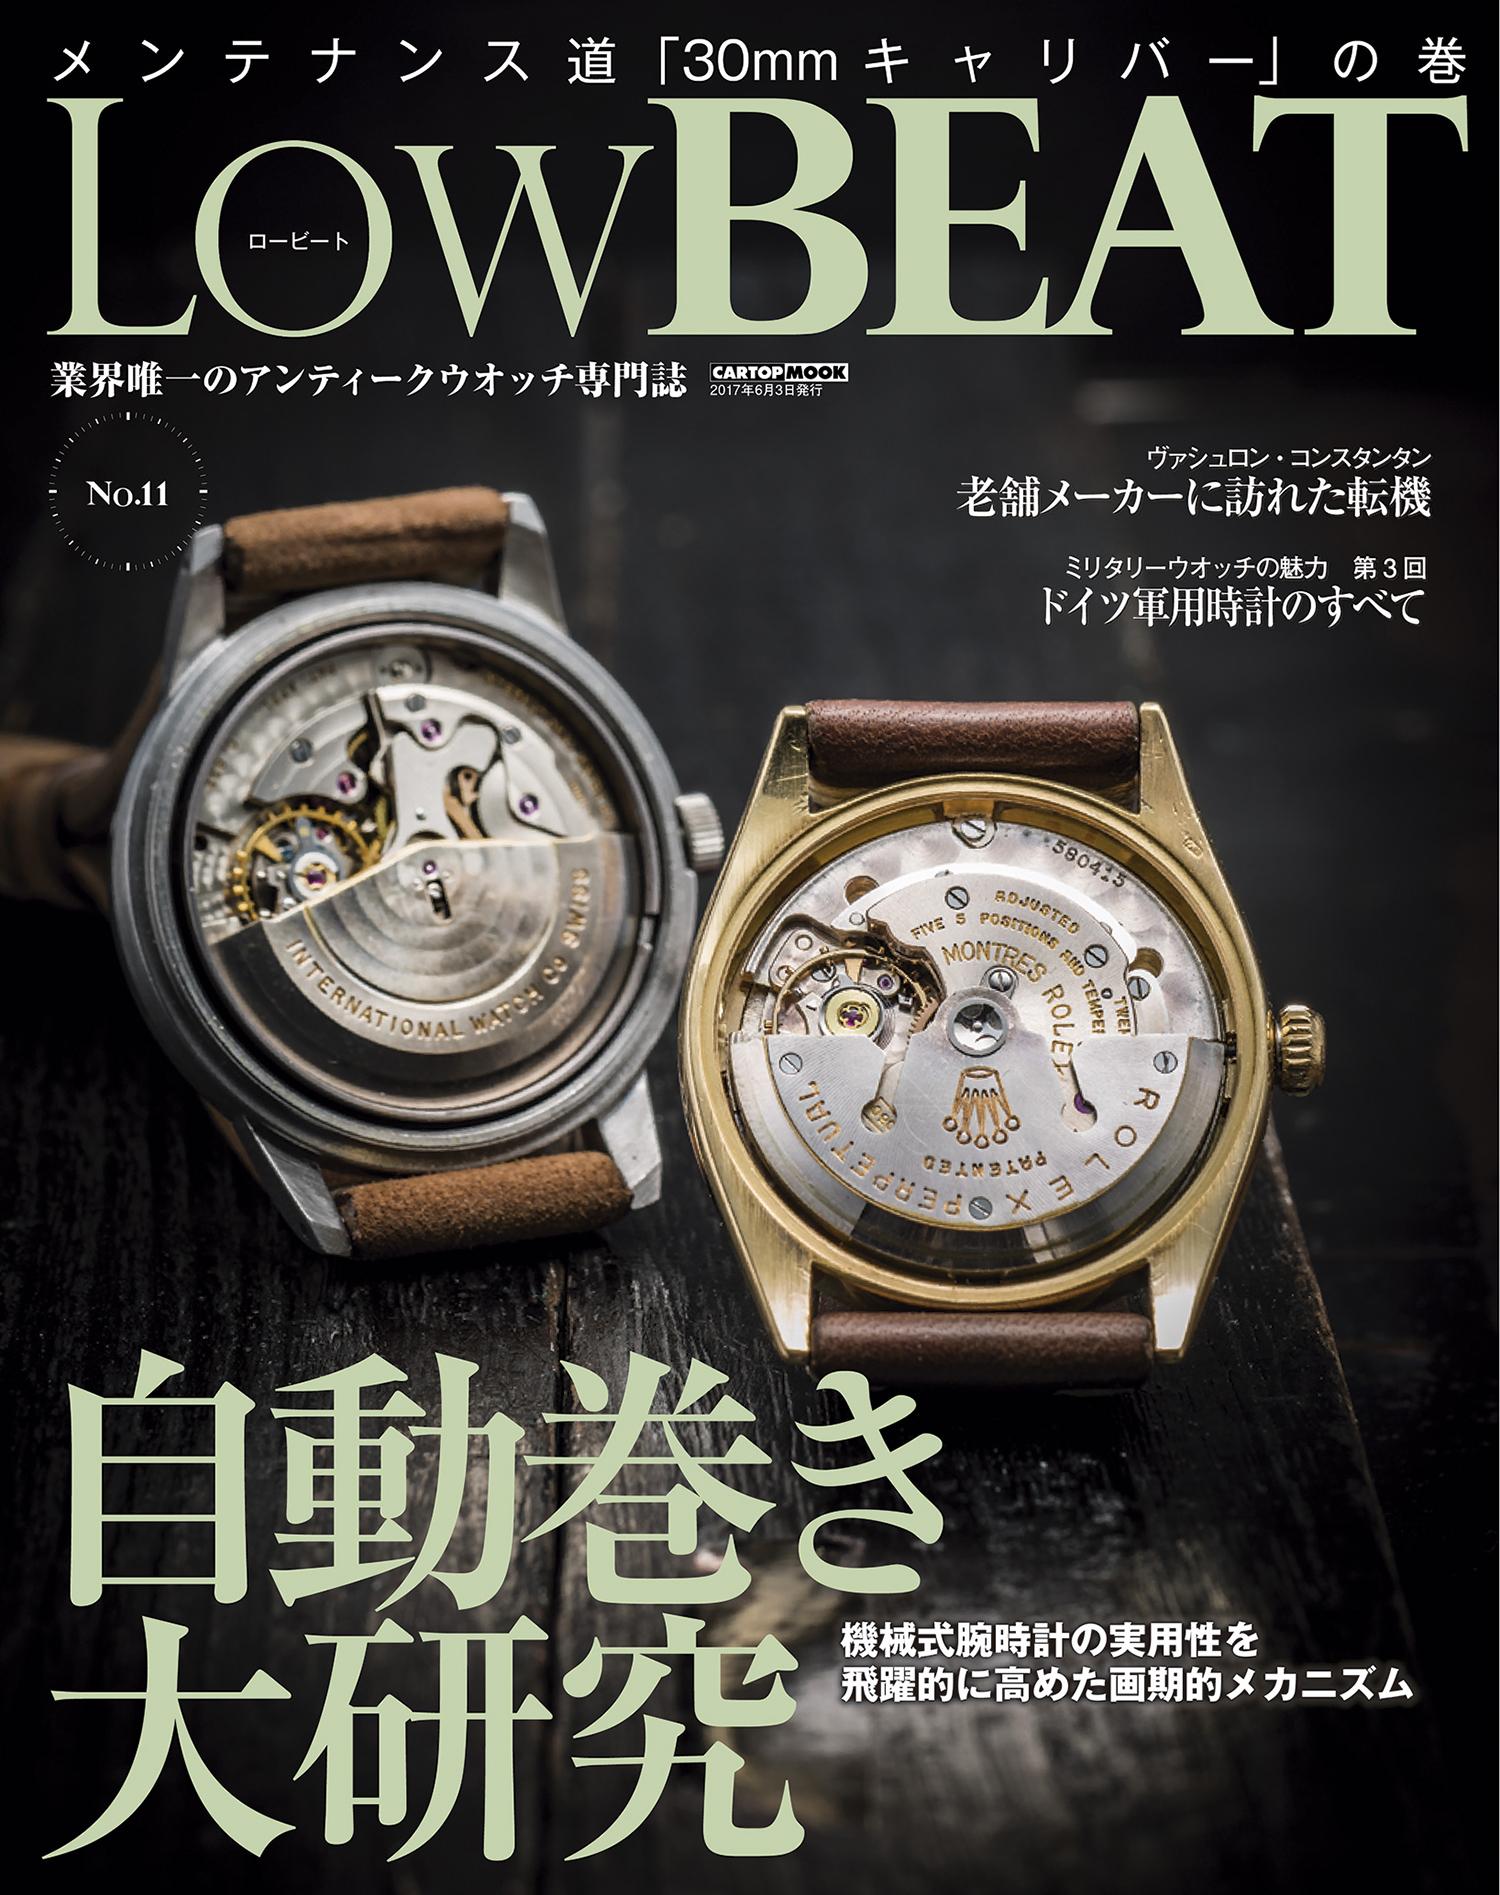 C's-Factory|電子書籍|LowBEAT No.11